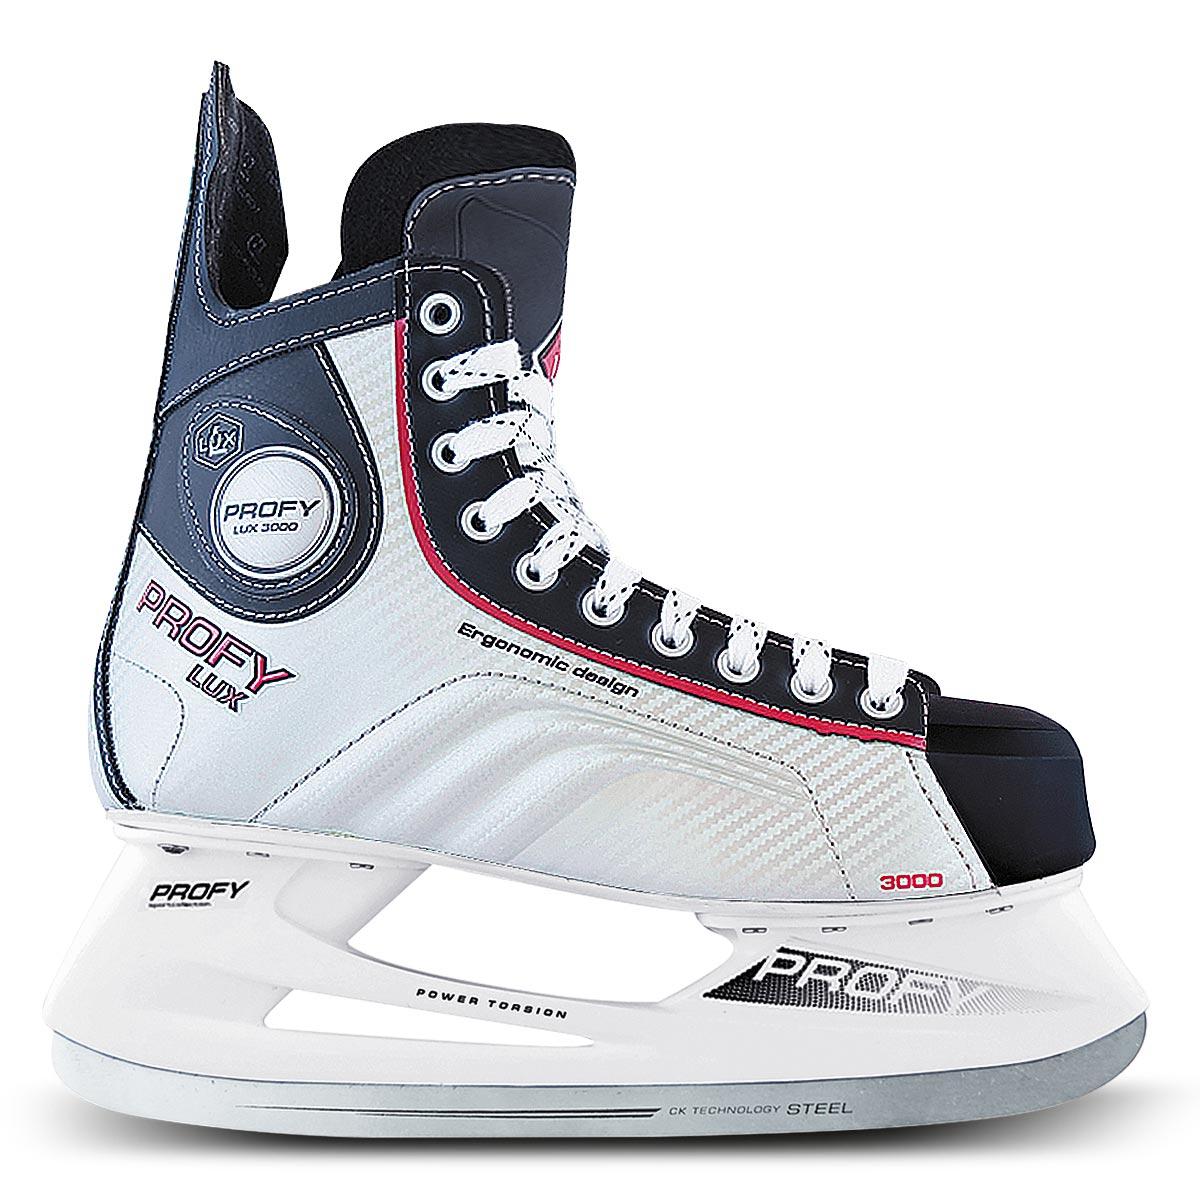 Коньки хоккейные мужские СК Profy Lux 3000, цвет: черный, серебряный, красный. Размер 45 PROFY LUX 3000 Red_45